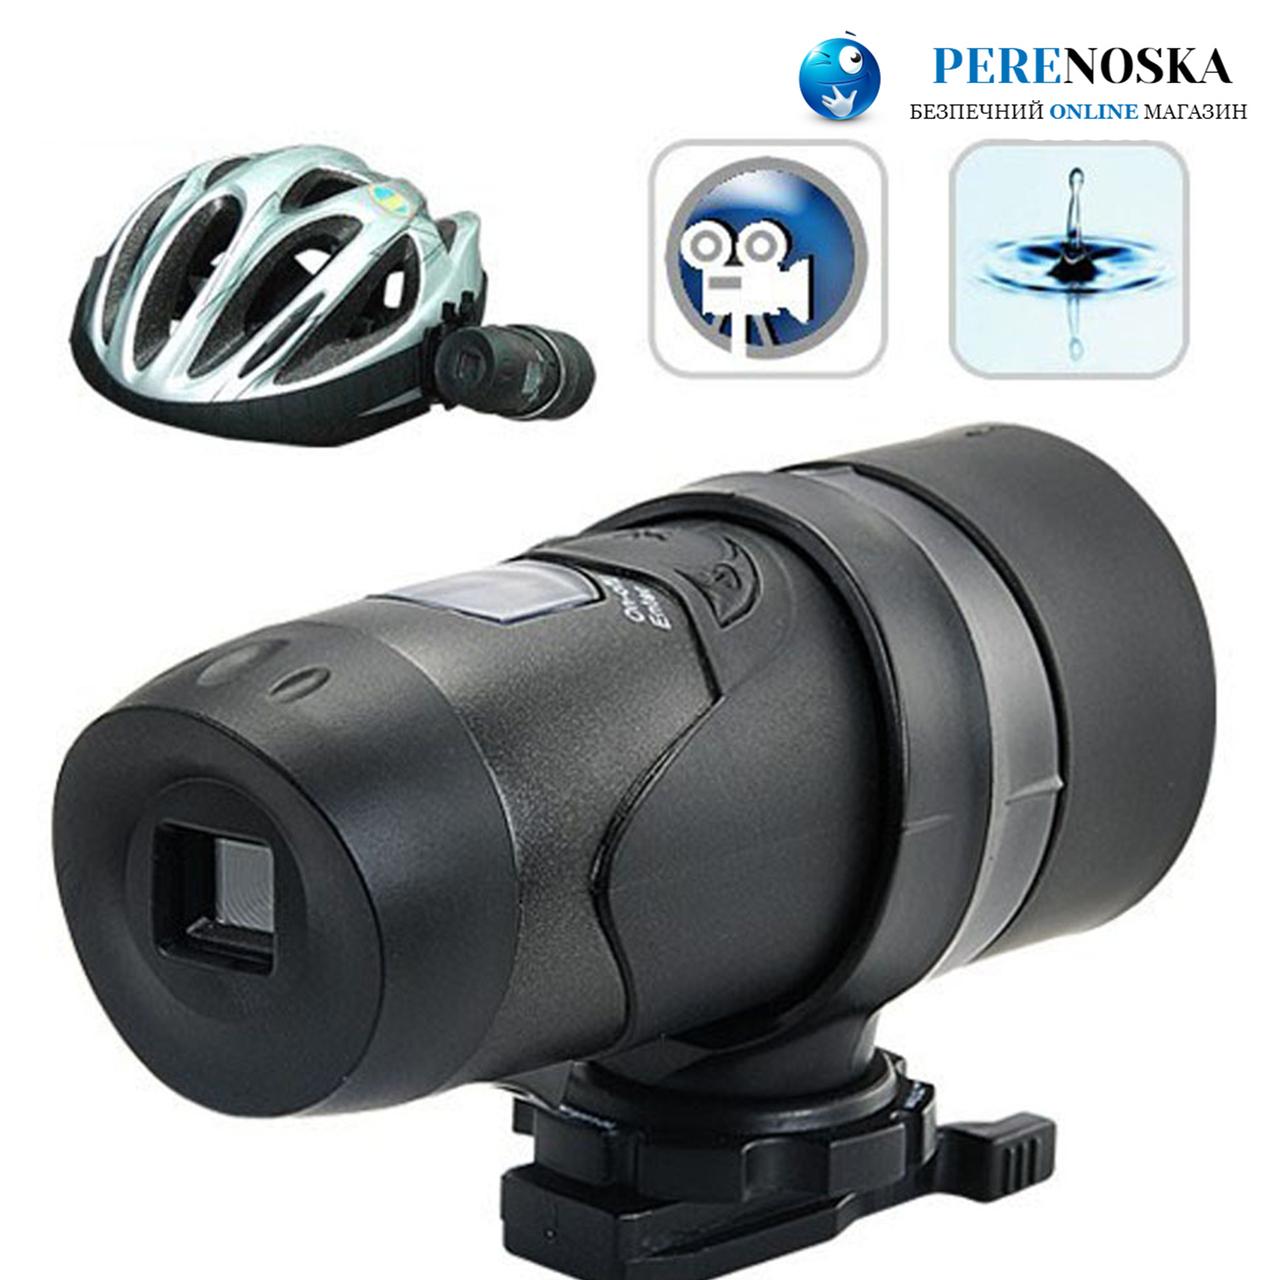 Видеорегистратор DVR - AT18/ Для вело мото спорту/ Водонепроницаемый